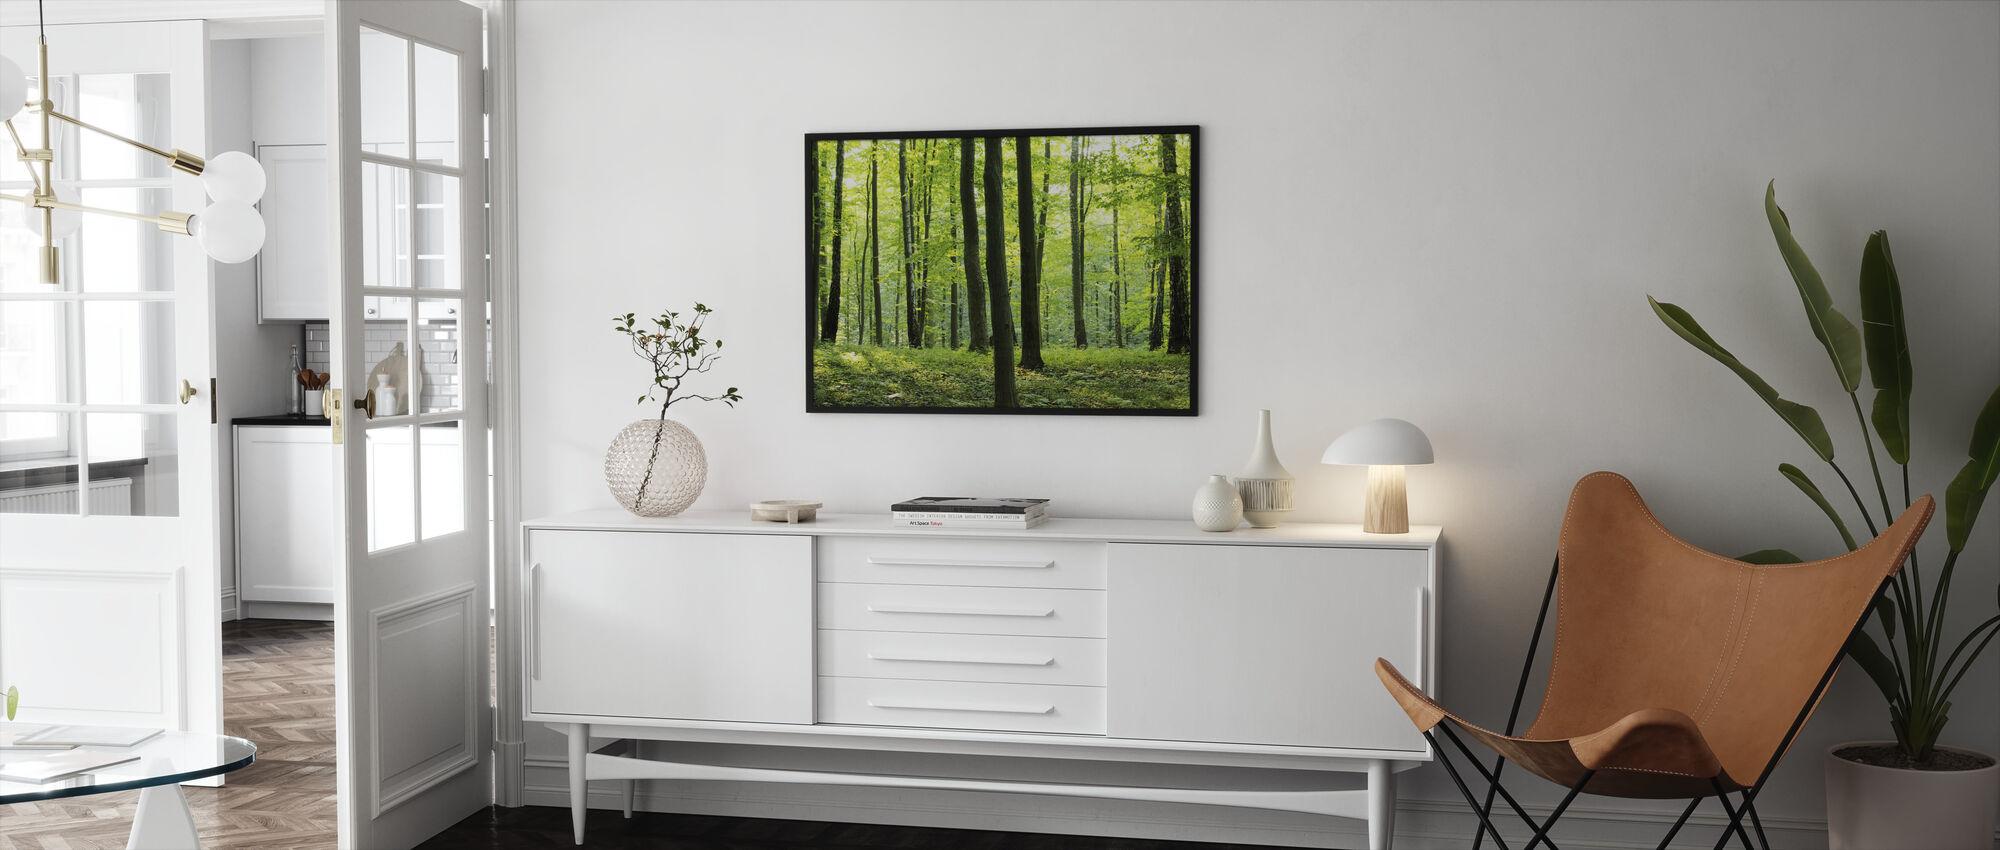 Landlige Skov - Indrammet billede - Stue